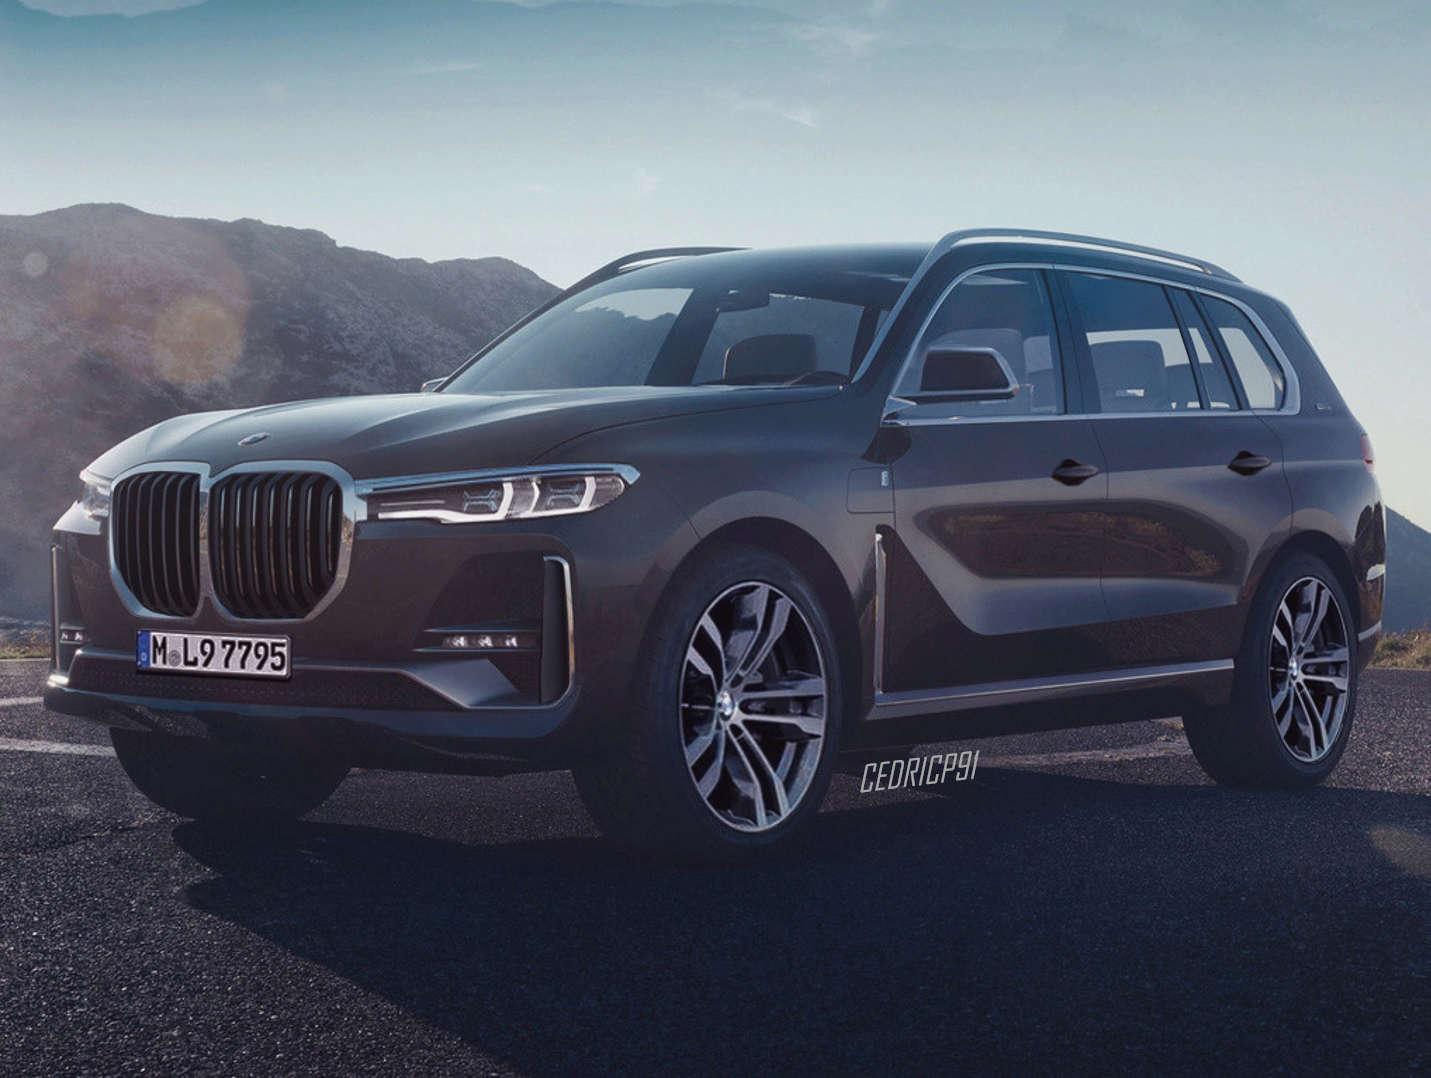 2017 - [BMW] X7 [G07] - Page 7 X711